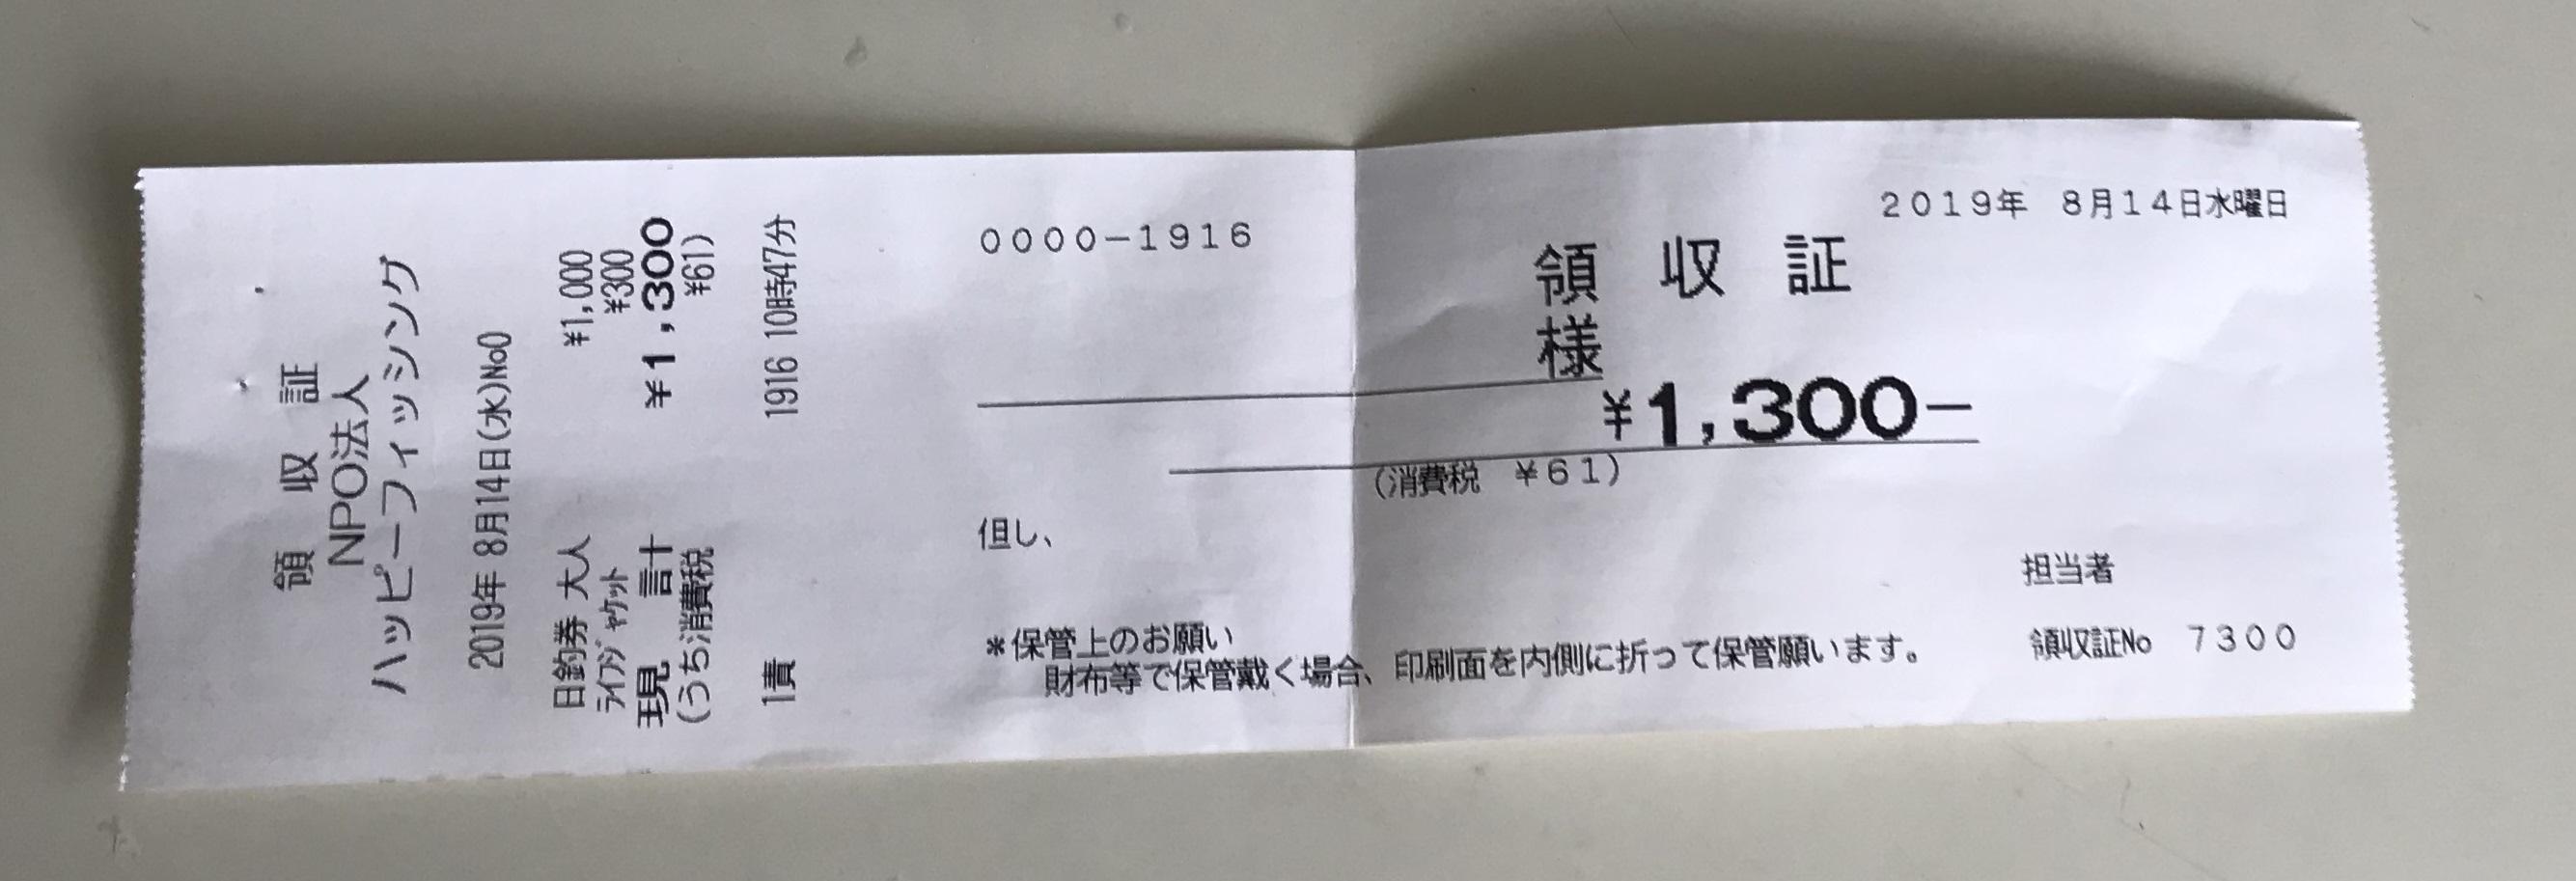 東港第2東防波堤入場券